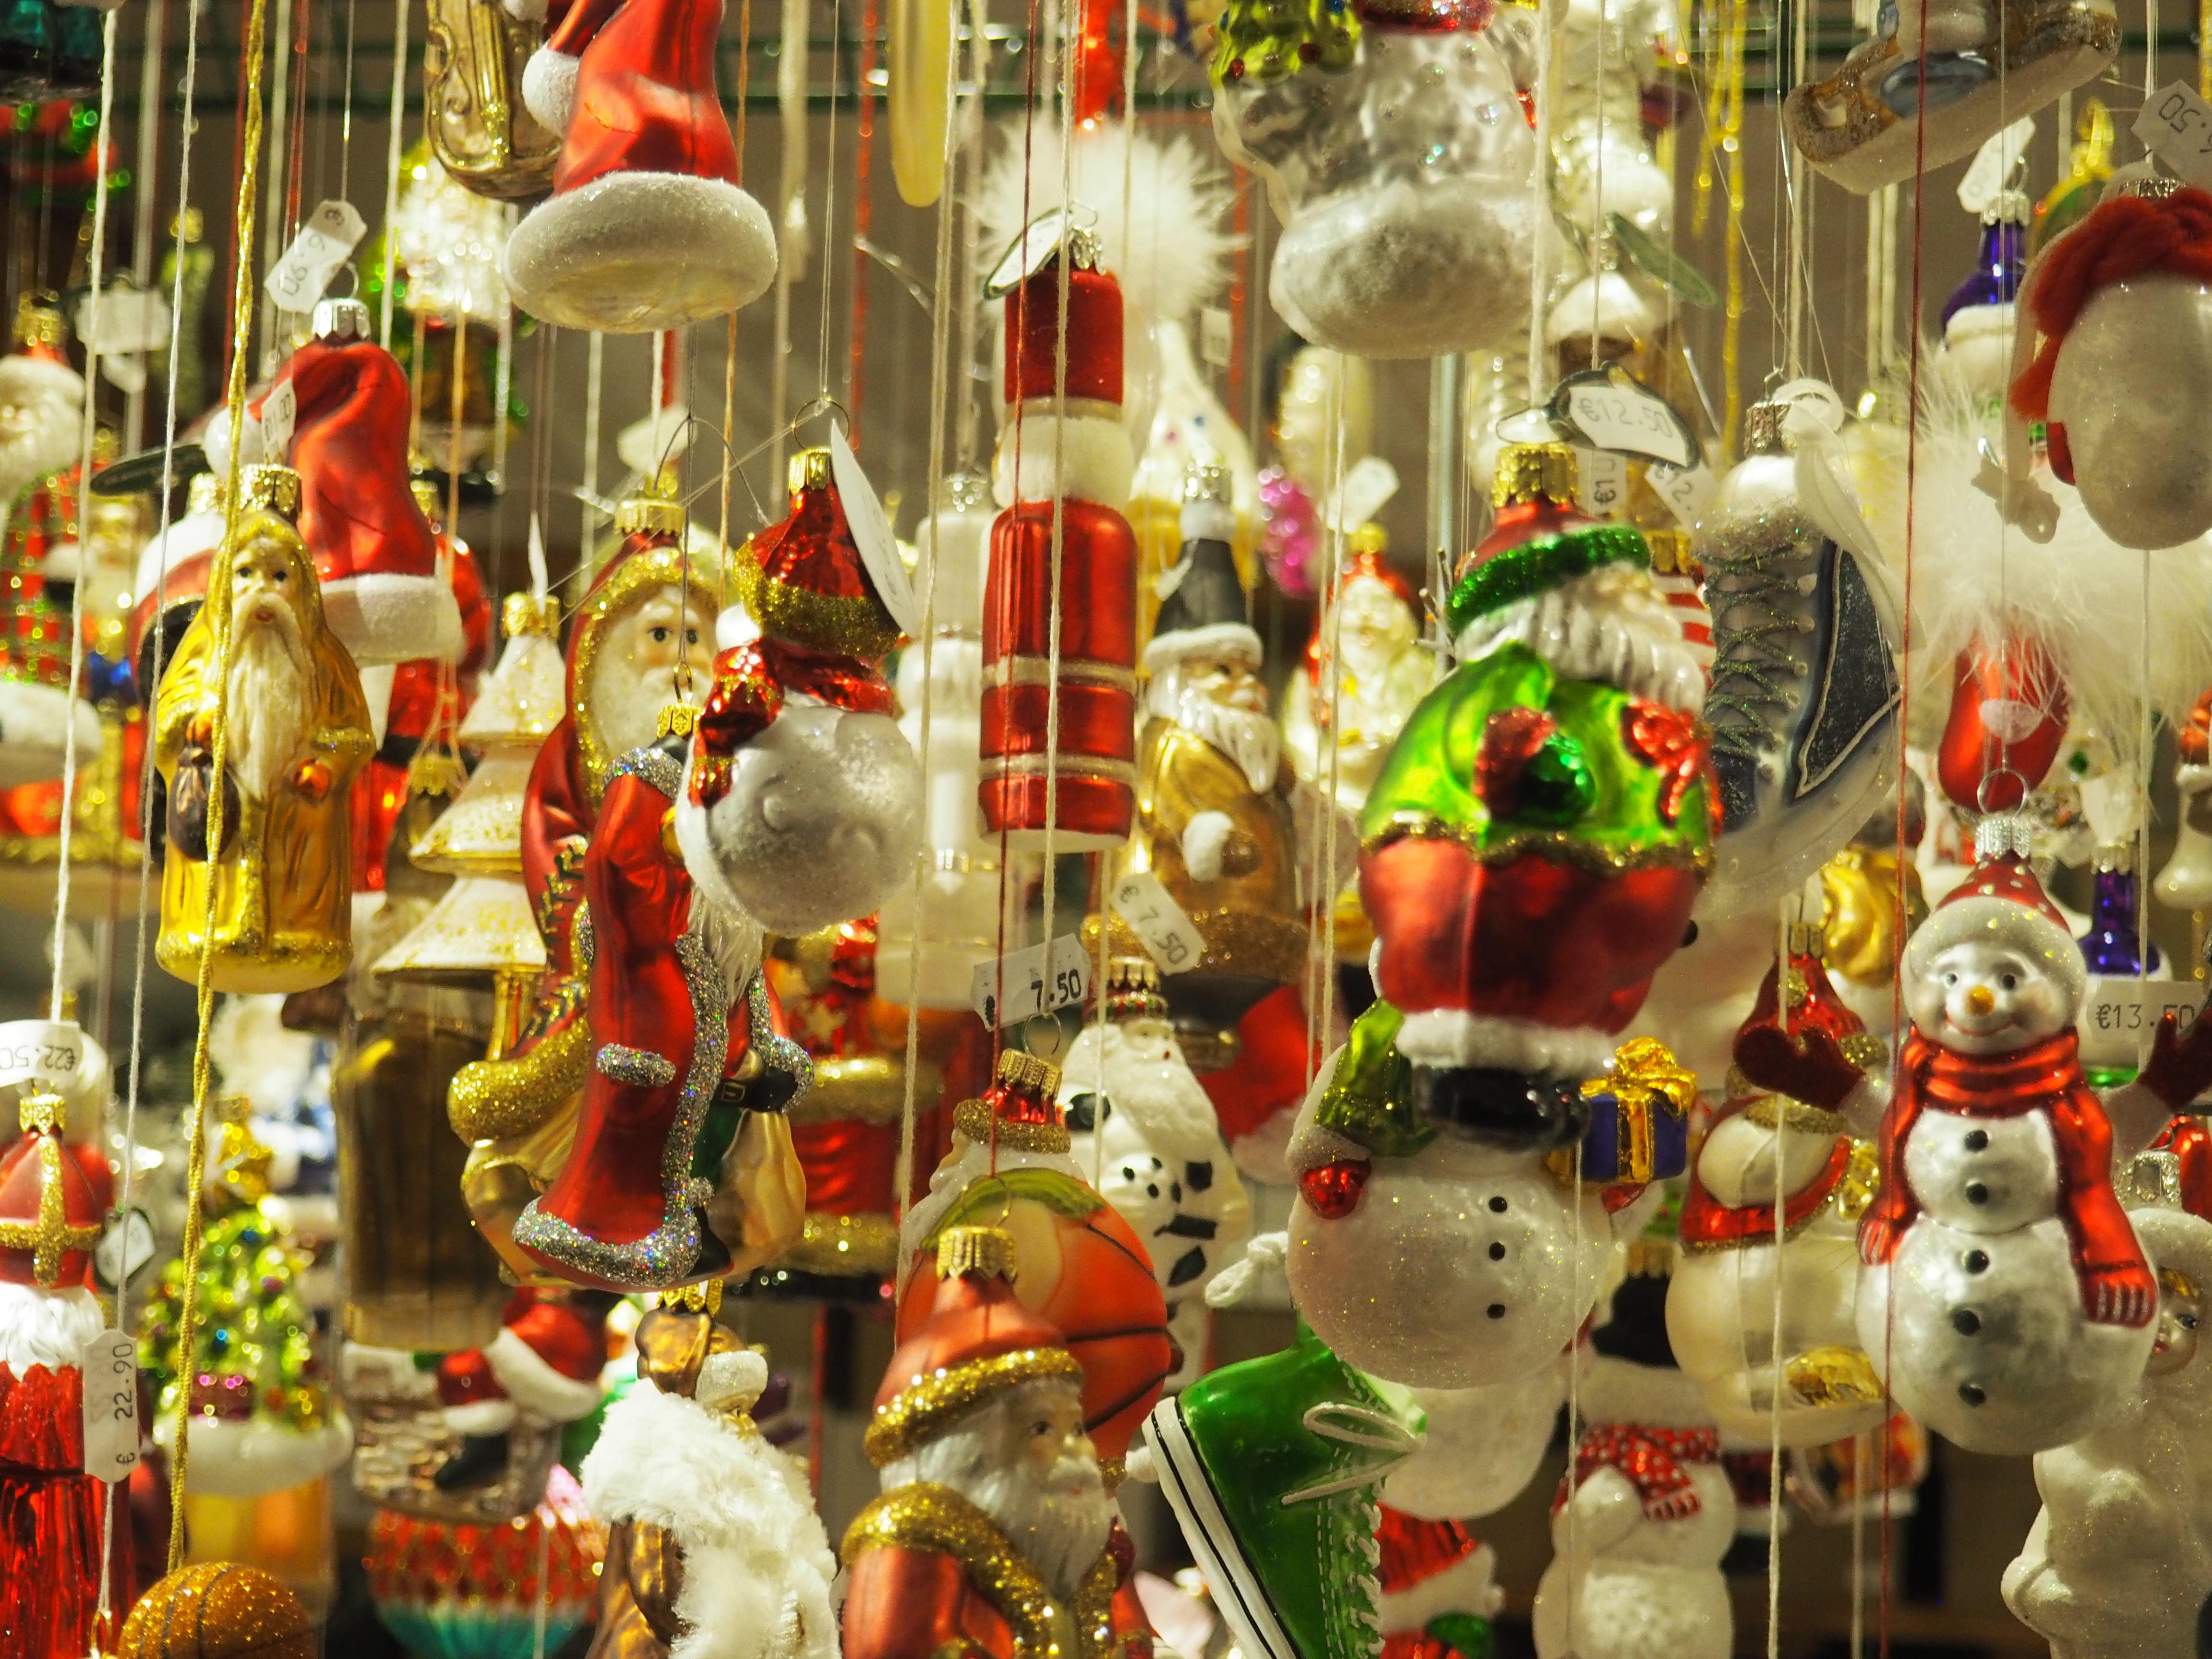 Nostalgischer Weihnachtsschmuck auf dem Weihnachtsmarkt in Bamberg